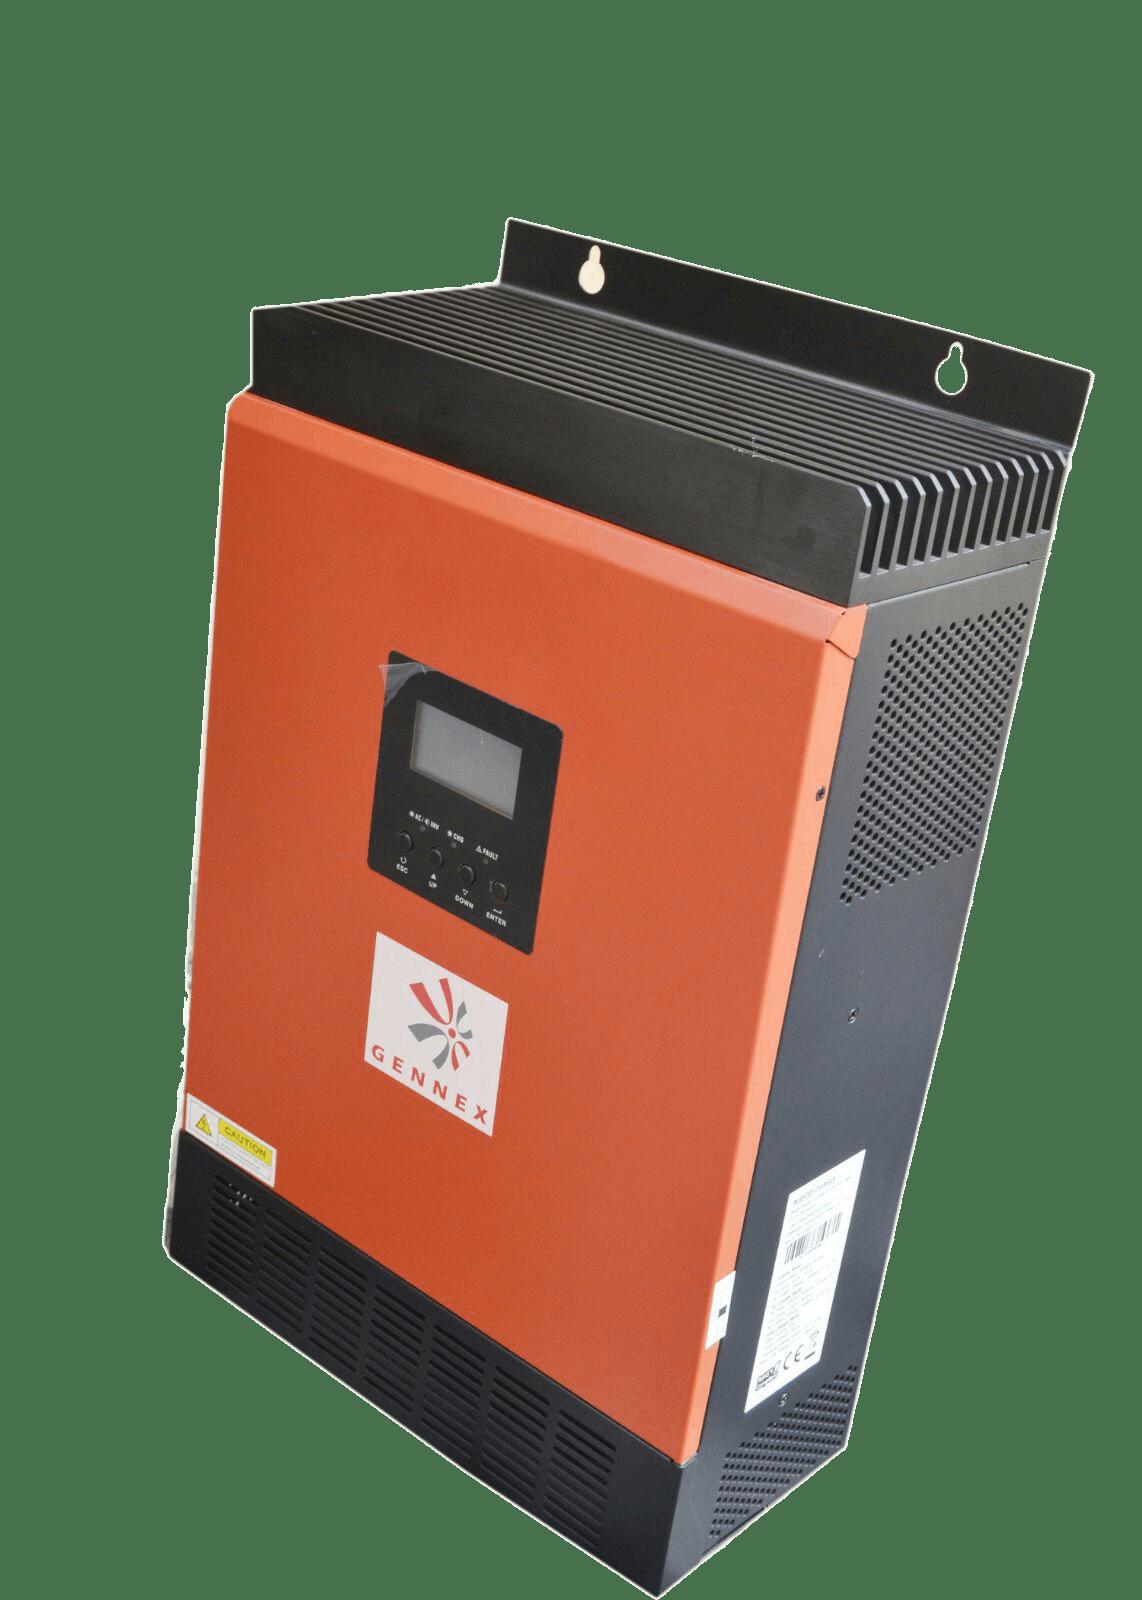 Gennex Hybrid Inverter